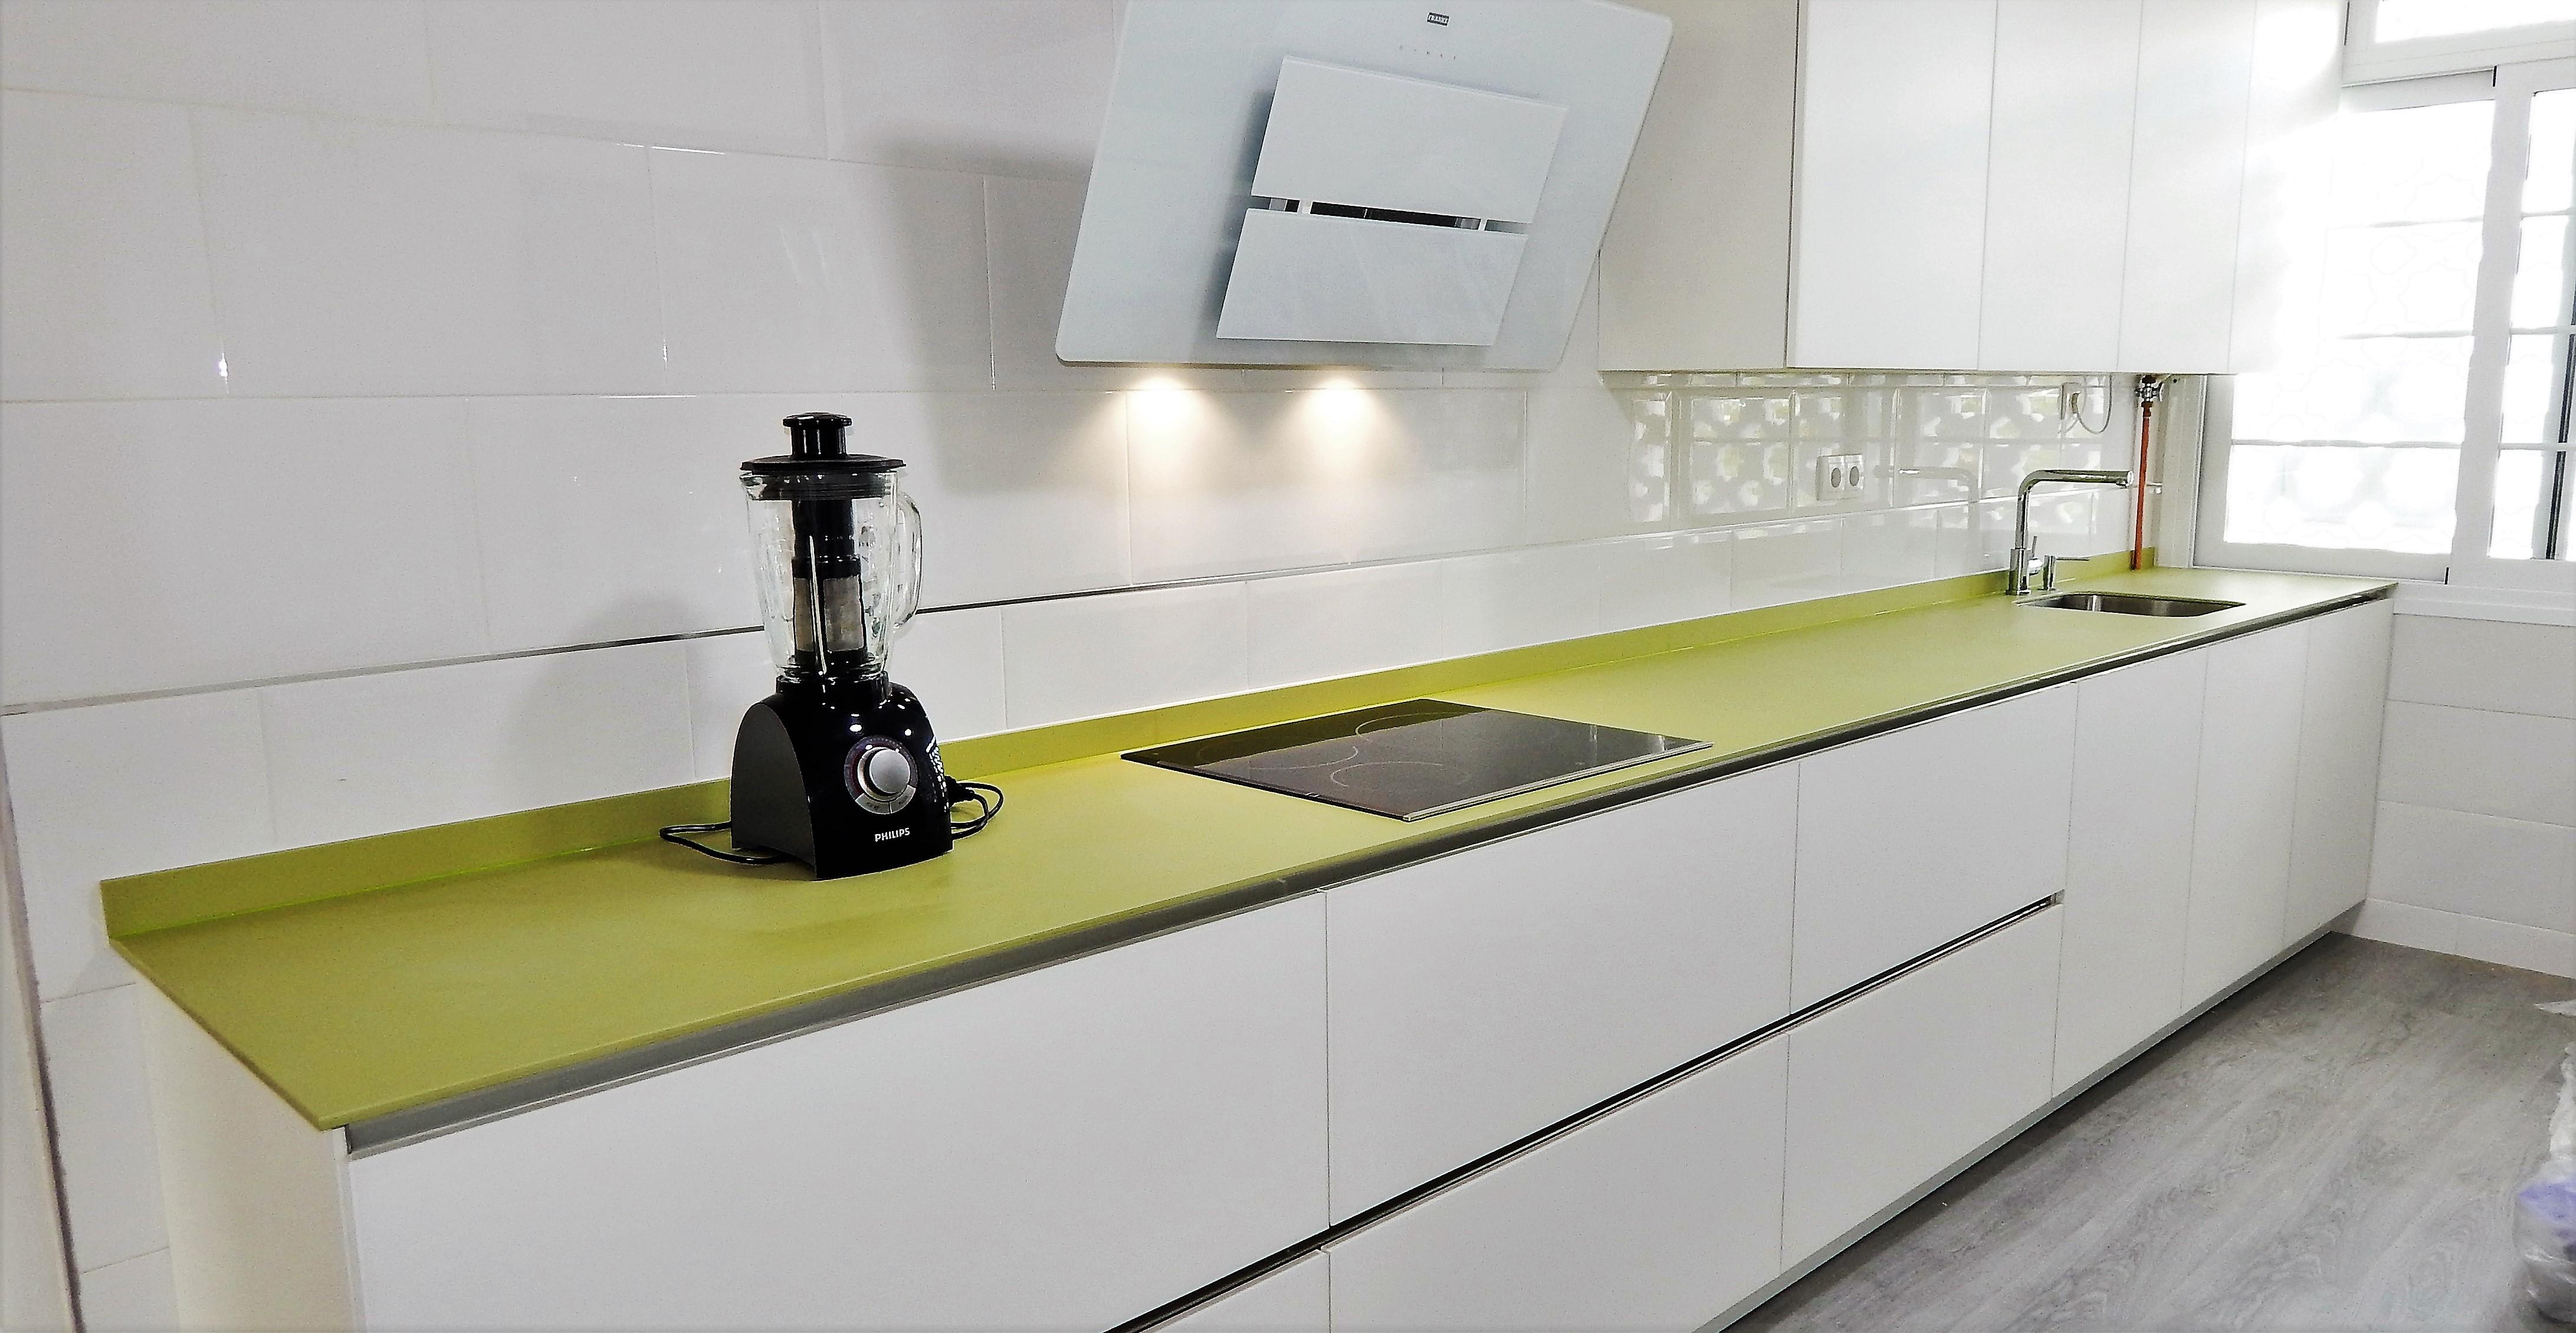 Muebles de cocina cristal mate blanco for Muebles de cristal